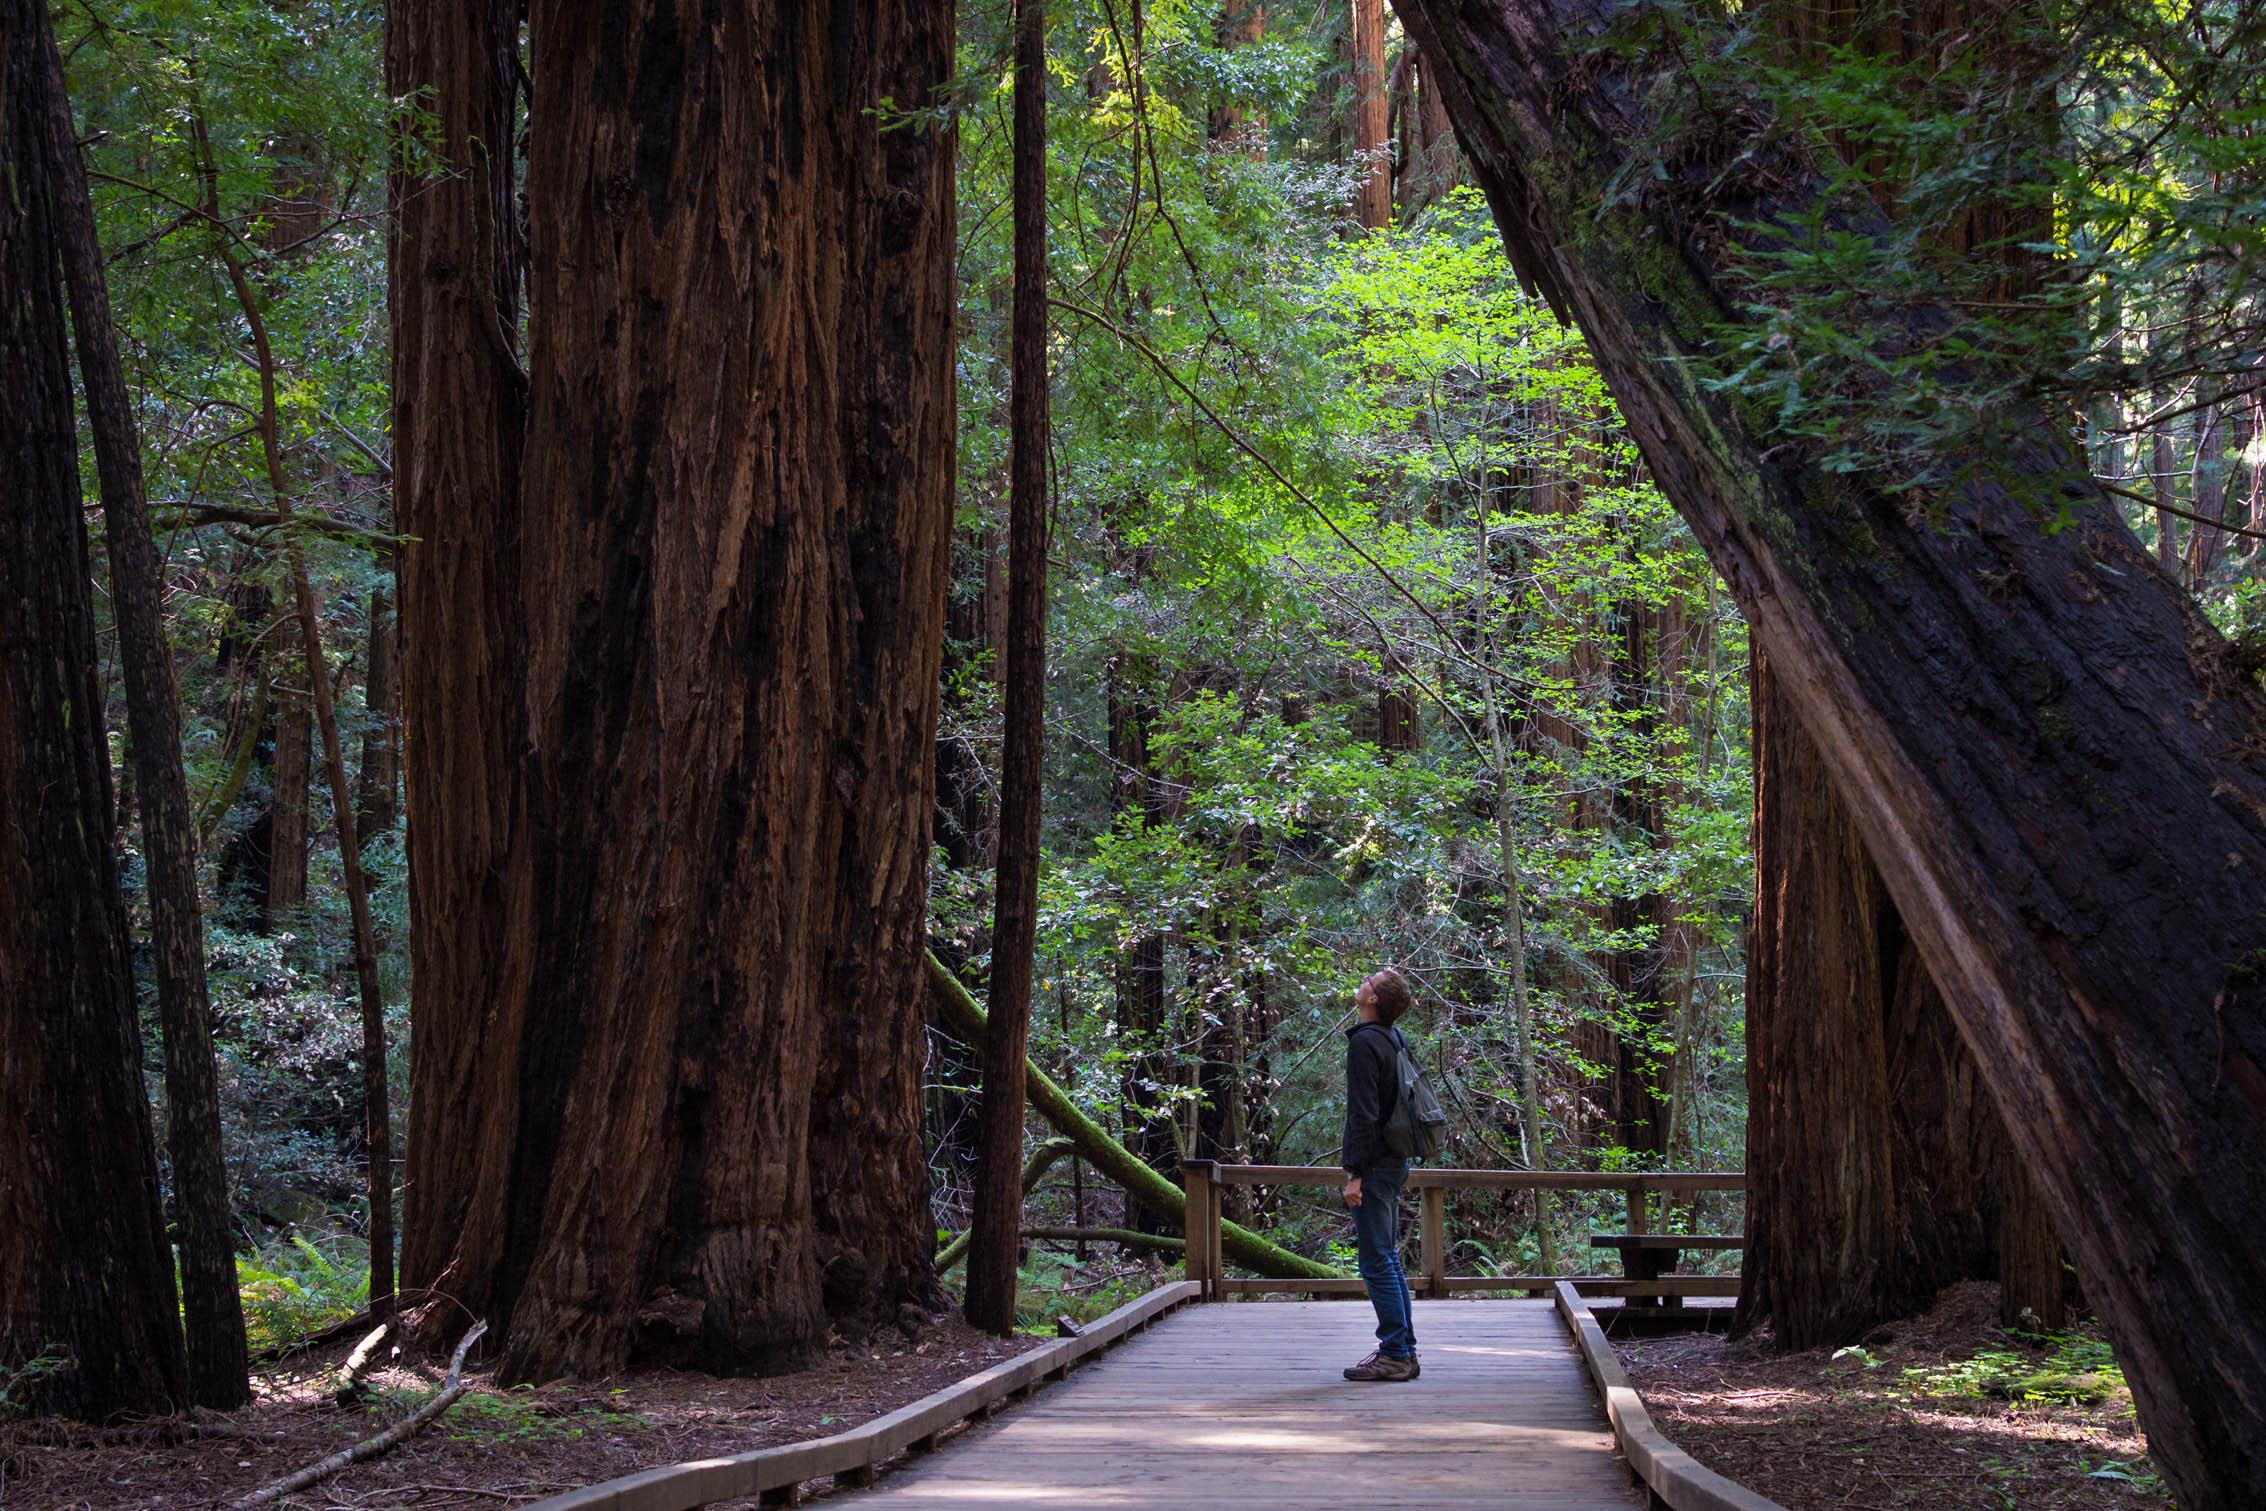 Les arbres impressionnent par leur hauteur